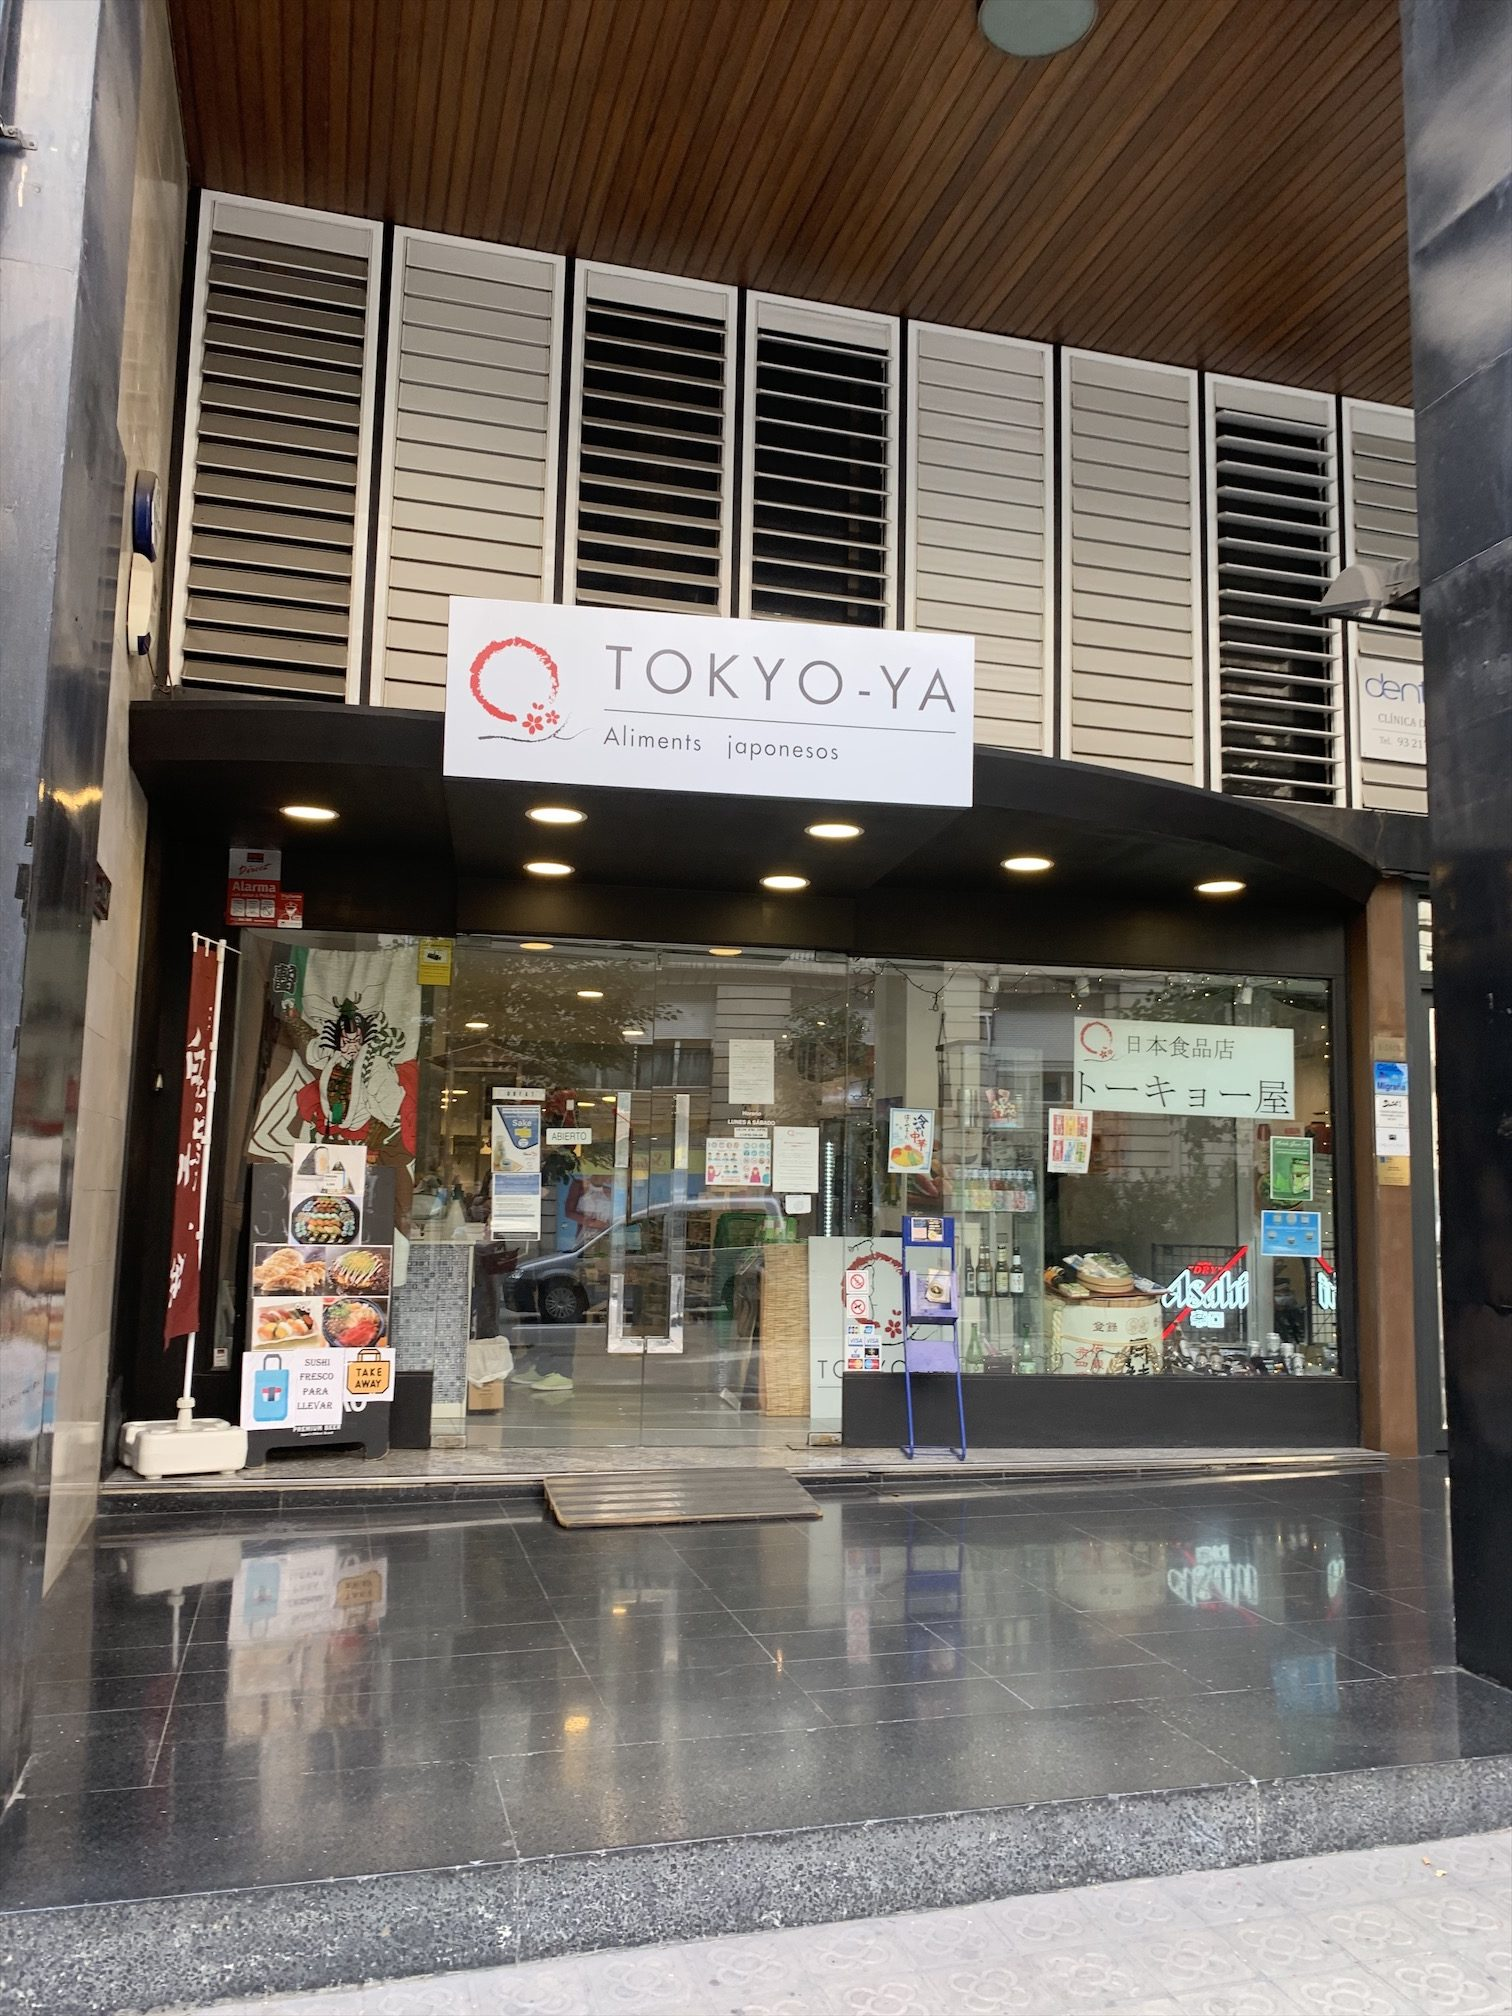 バルセロナの日本食材店「Tokyoya」